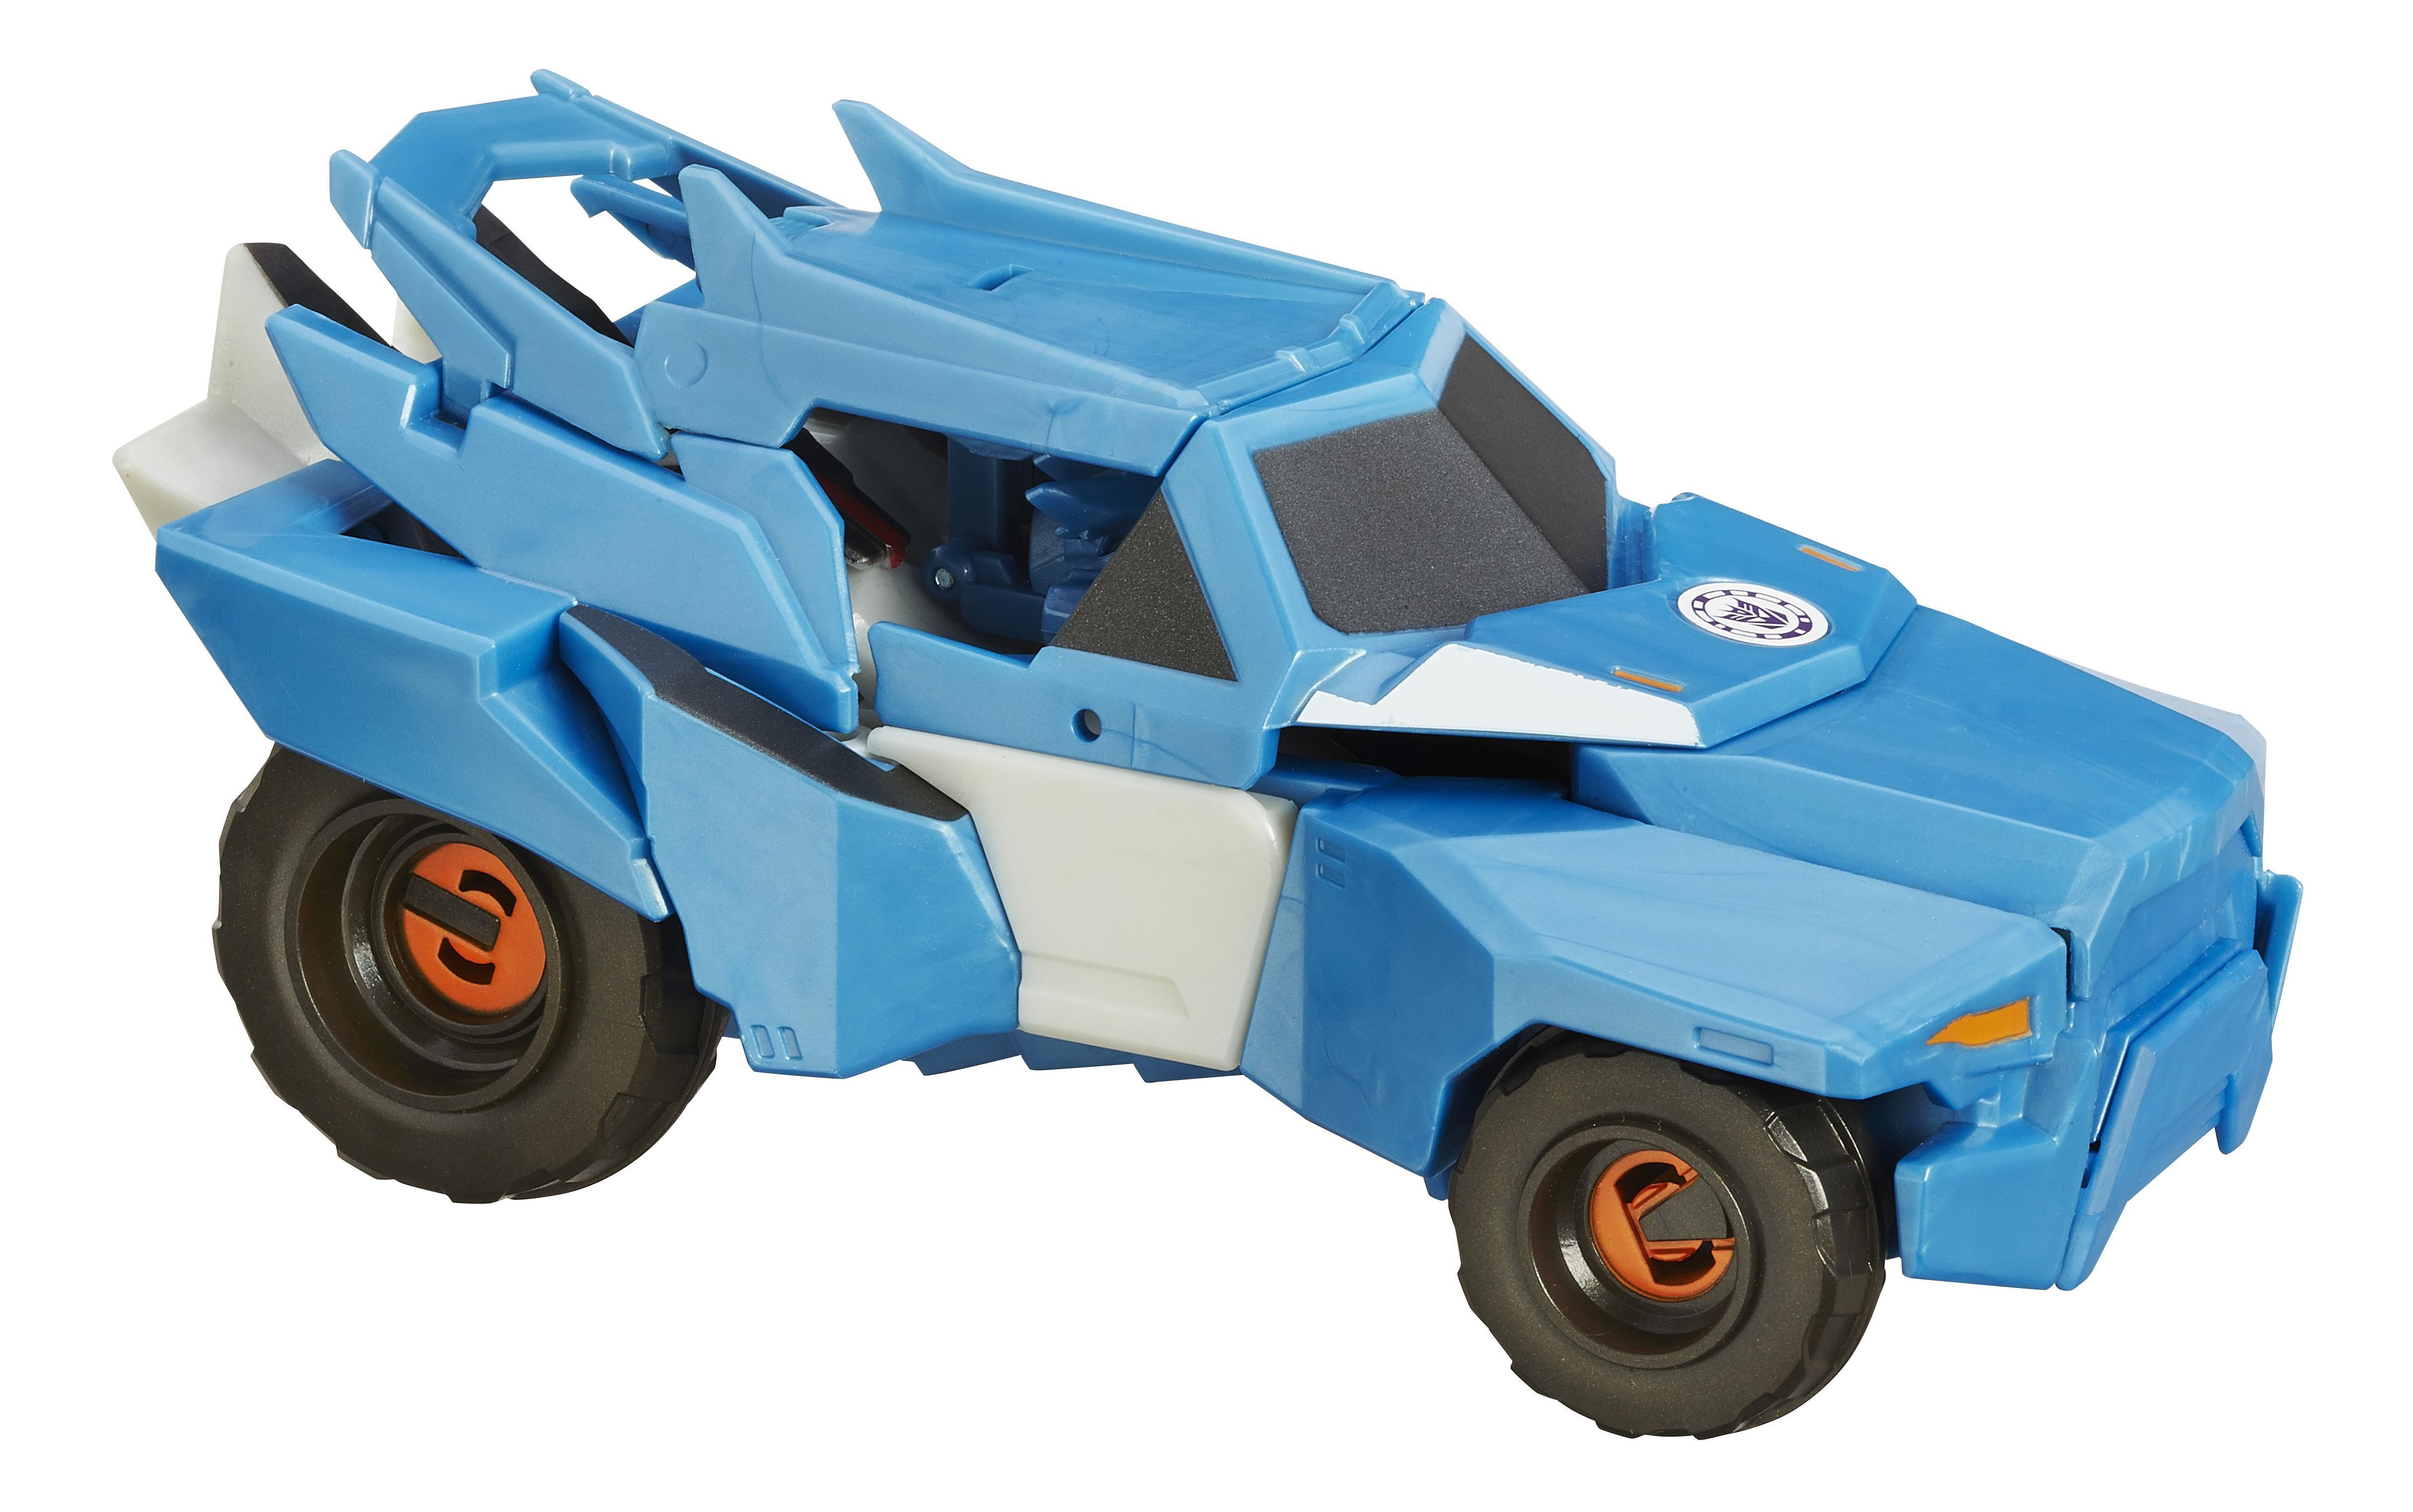 Купить Трансформеры роботы под прикрытием: гиперчэндж b0067 b1726, Transformers, Игровые фигурки